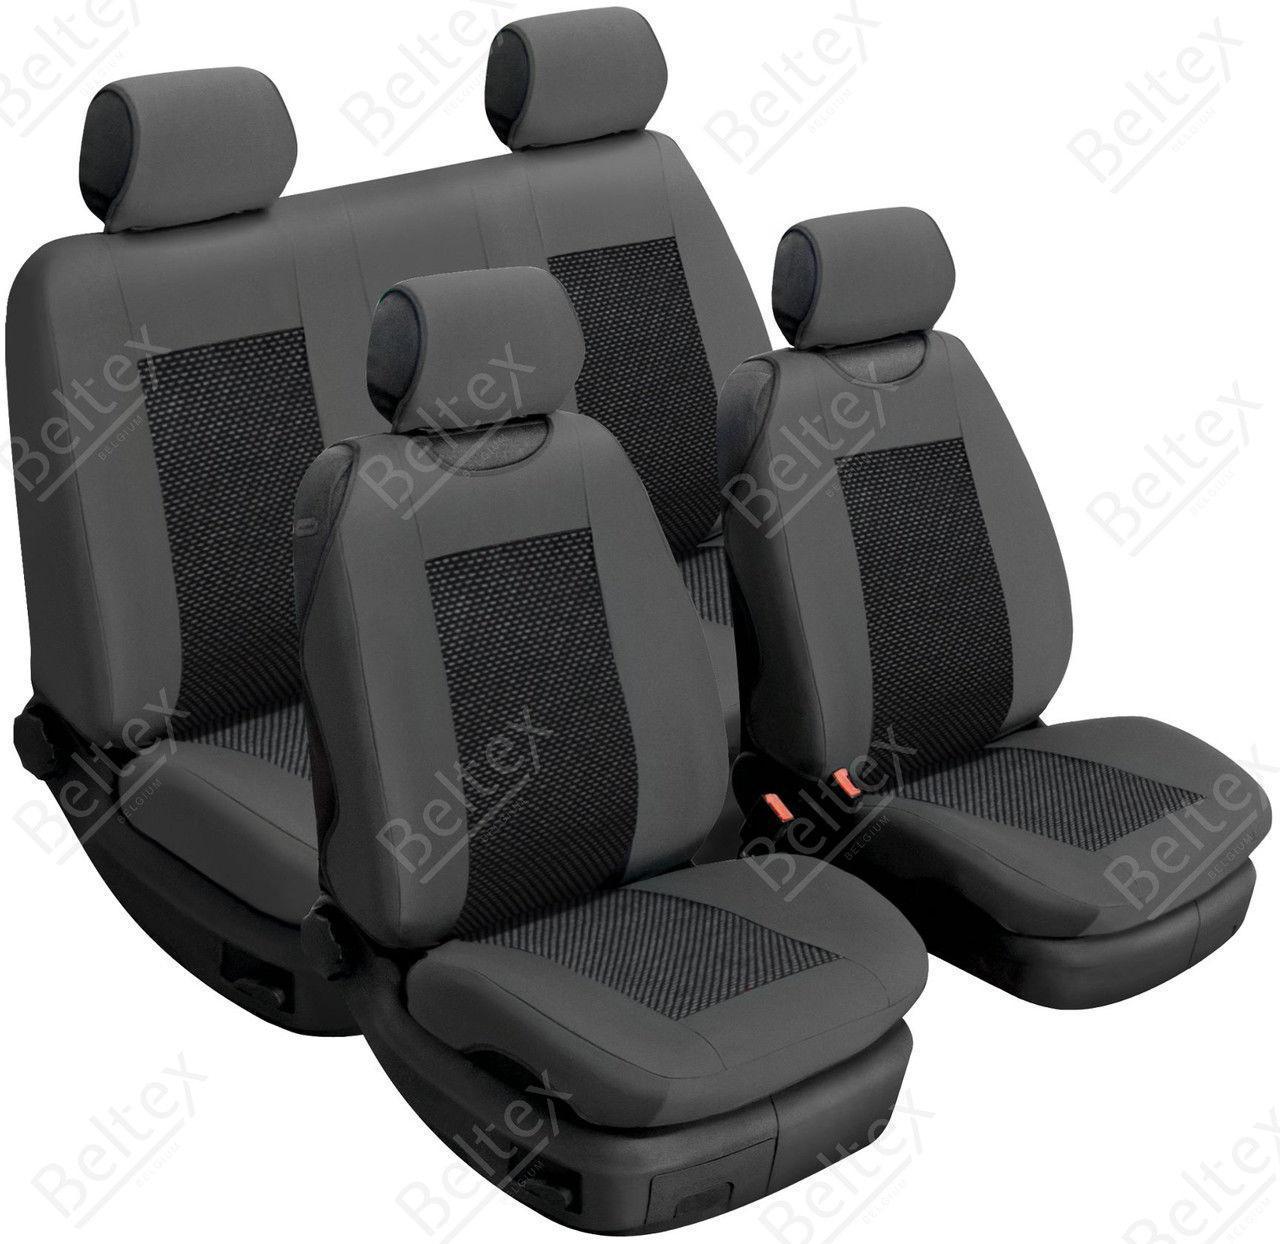 Майки/чехлы на сиденья Тойота ЛС 100 (Toyota LC 100)